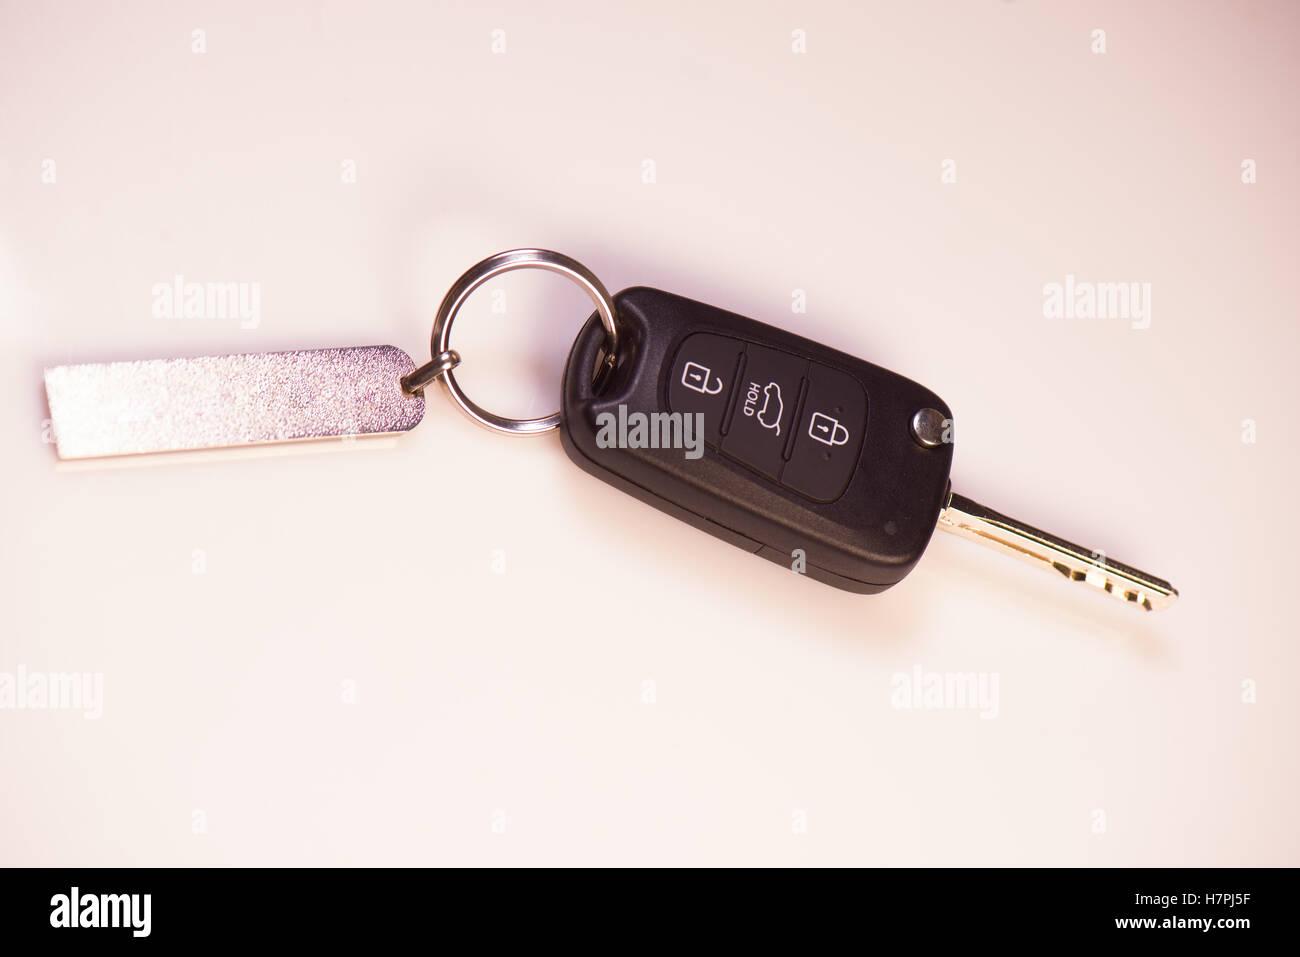 Las llaves del coche y la licencia de conductores sobre fondo blanco, Francia Imagen De Stock